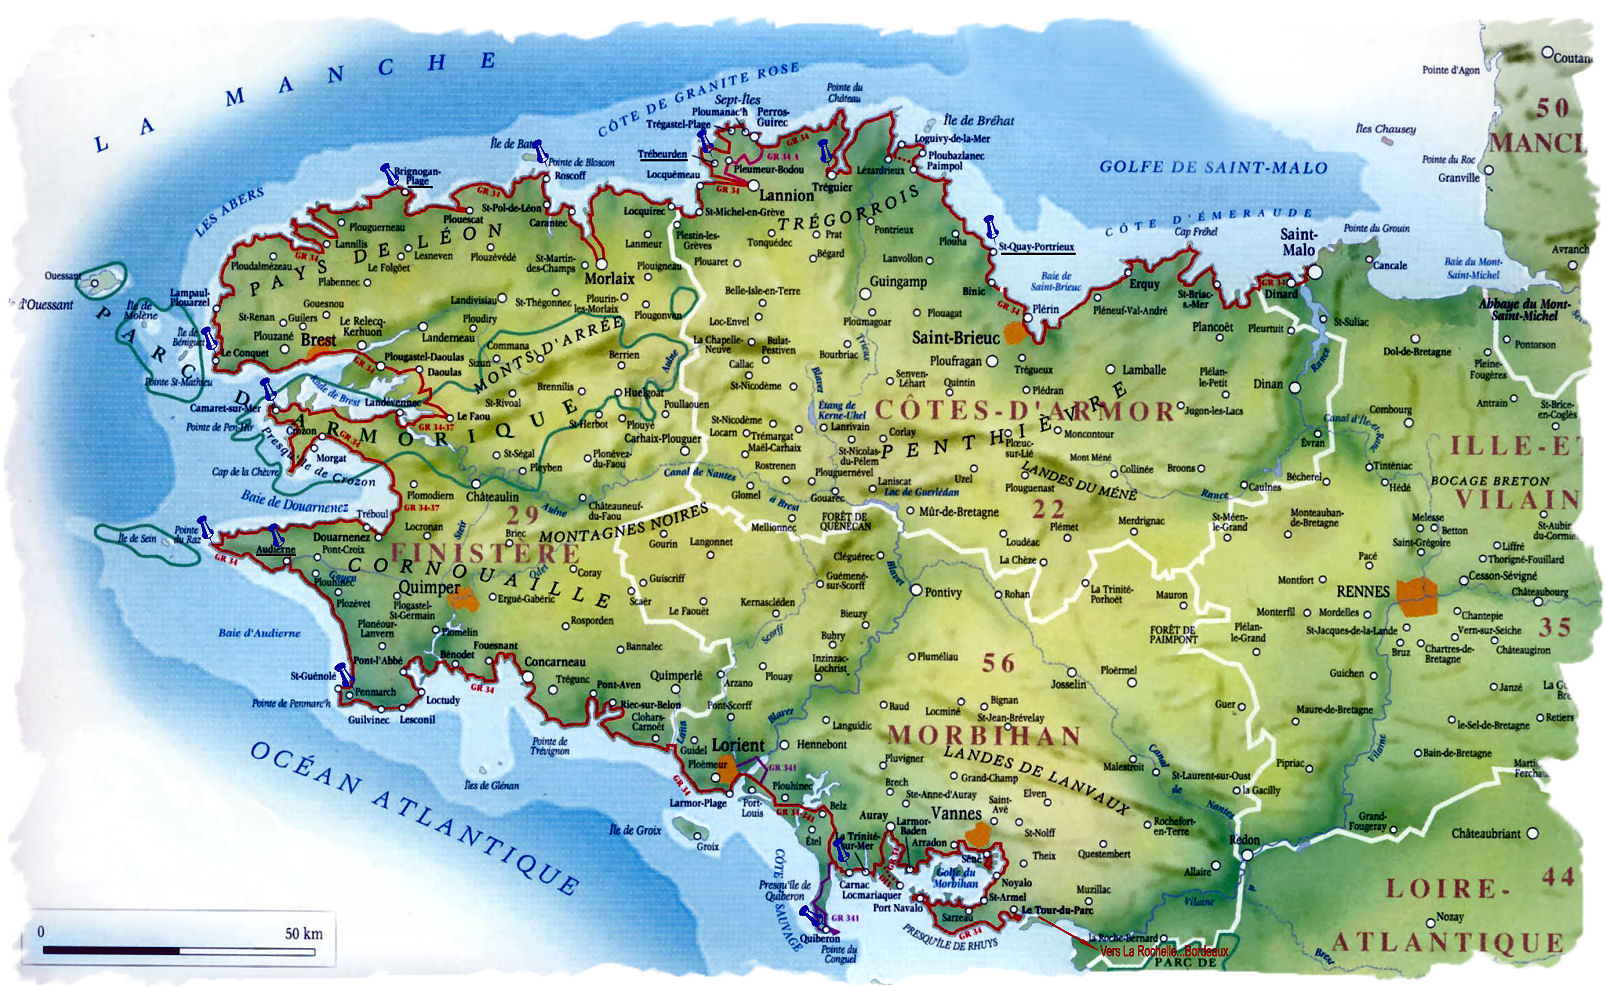 Ile Et Vilaine Noms De Villes